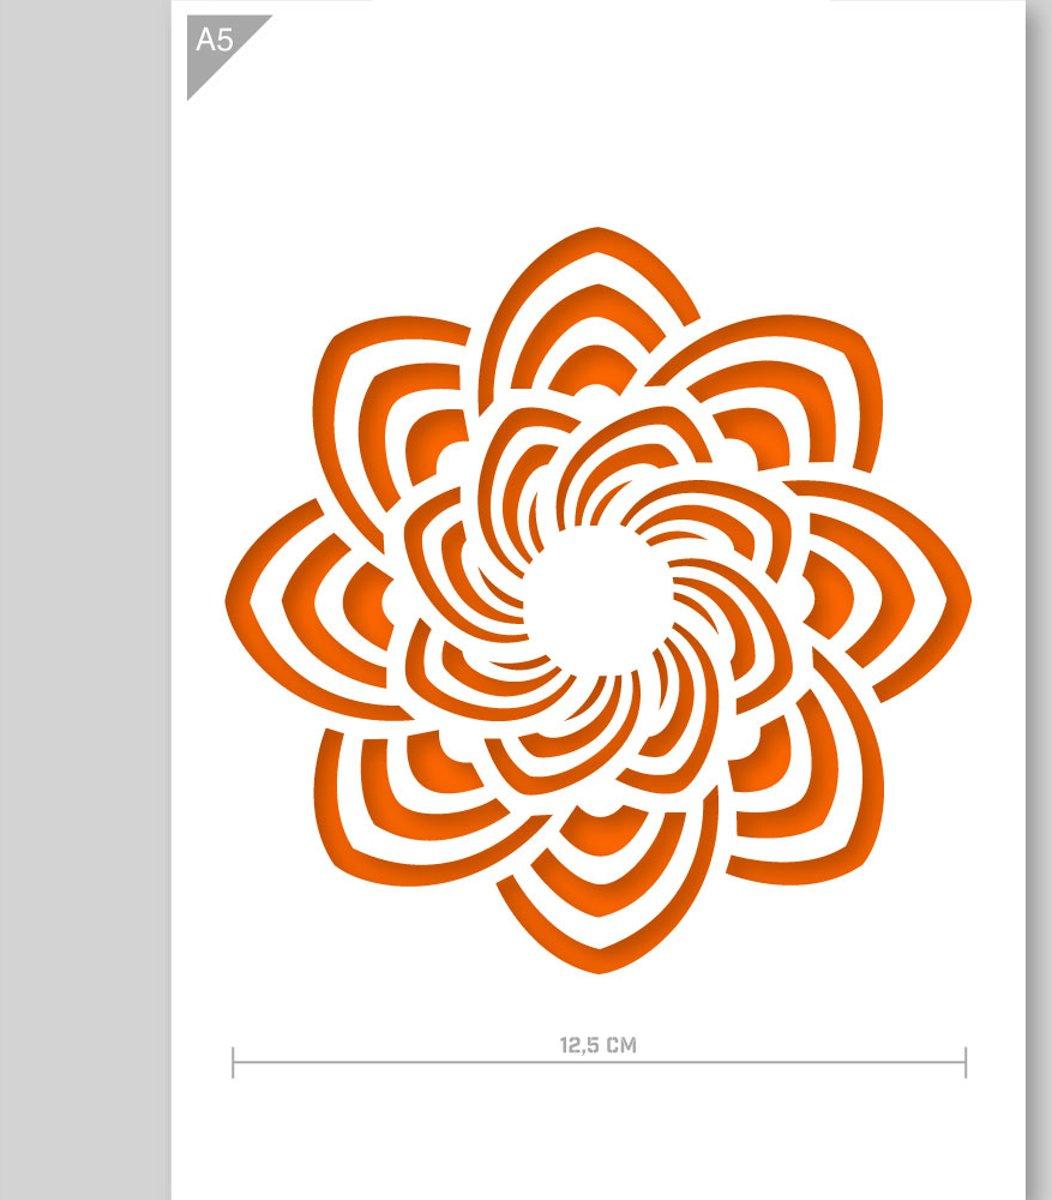 Mandala sjabloon - Kartonnen A5 stencil - Kindvriendelijk sjabloon geschikt voor graffiti, airbrush, schilderen, muren, meubilair, taarten en andere doeleinden kopen